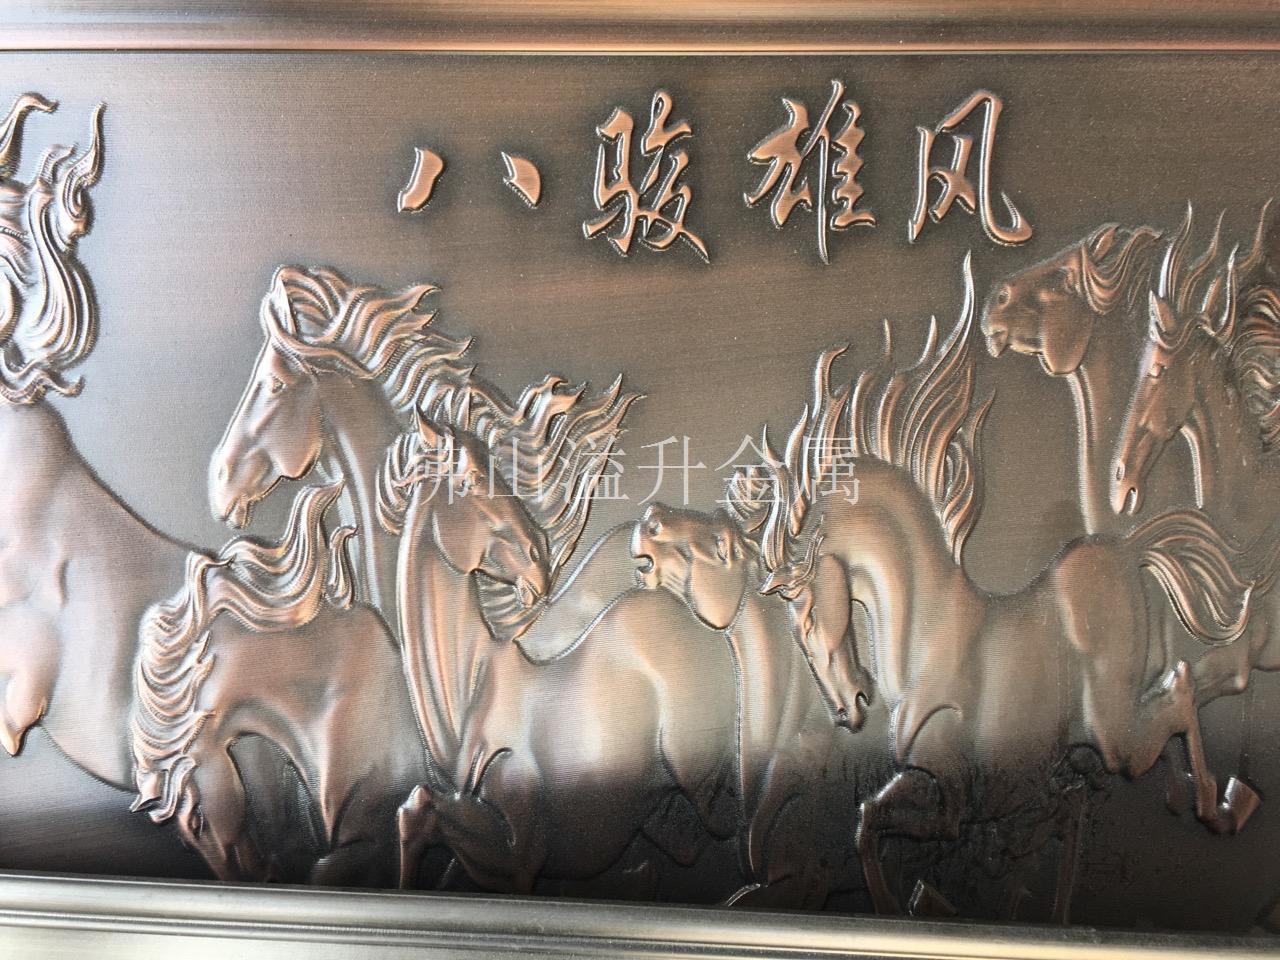 厂家供应铝雕花花格 新款铝雕花屏风订做 镂空铝单板是以高等级铝合金为主要材料,按工程现场设计的尺寸、形状和构造形式经过数控折弯等技术成型,确保板材在加工后能平整不变形,并在其表面氟碳喷涂的基础上制作间距比例大小一致网格的一种高档金属装饰材料,使得拉网铝单板更能满足客户的要求。